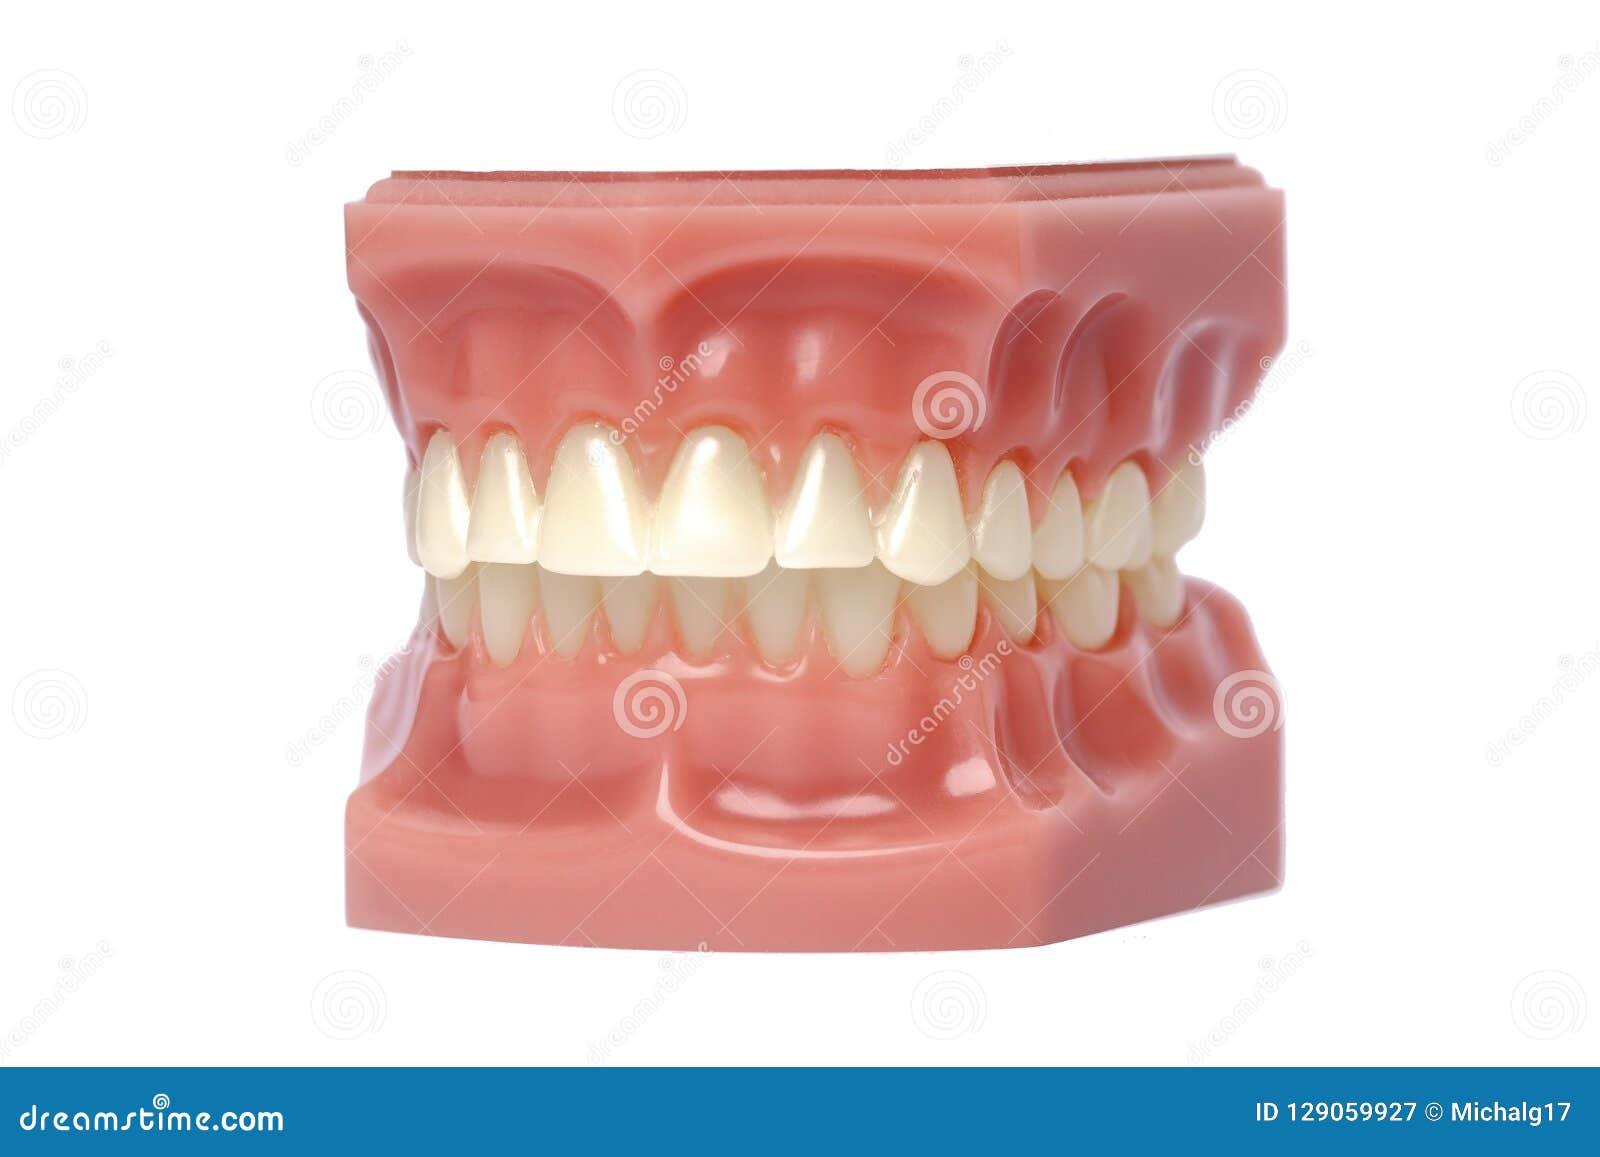 Orthodontic modell som används i tandläkekonst för demonstration och bildande avsikter